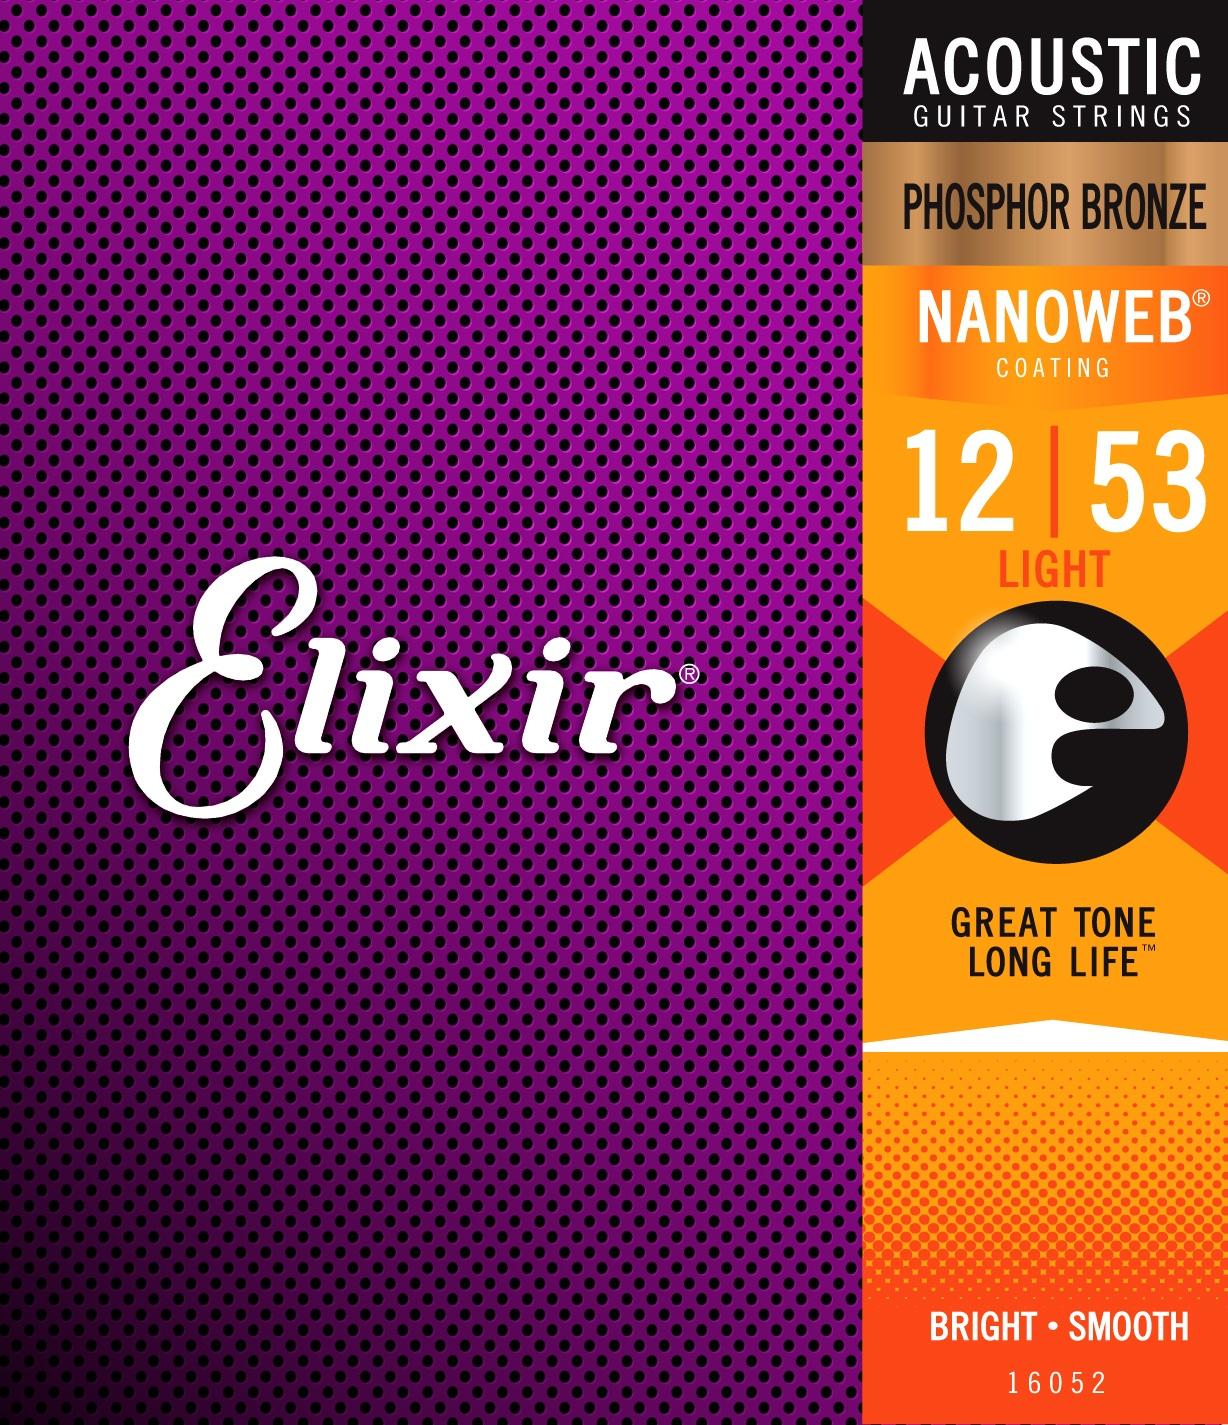 Elixir Nanoweb Phosphor Bronze Light